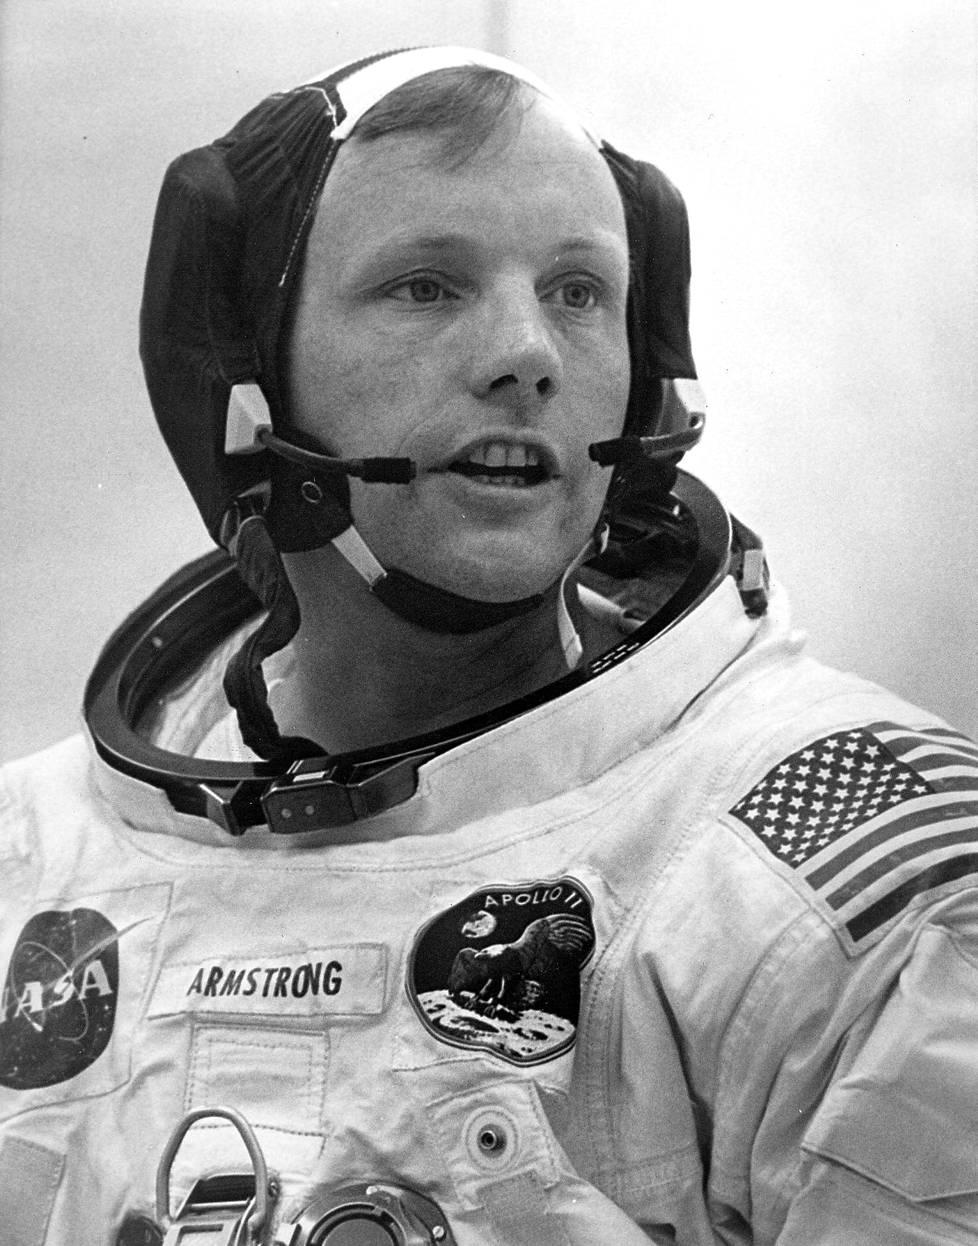 Armstrong avaruusasuun sonnustautuneena 15. heinäkuuta 1969.